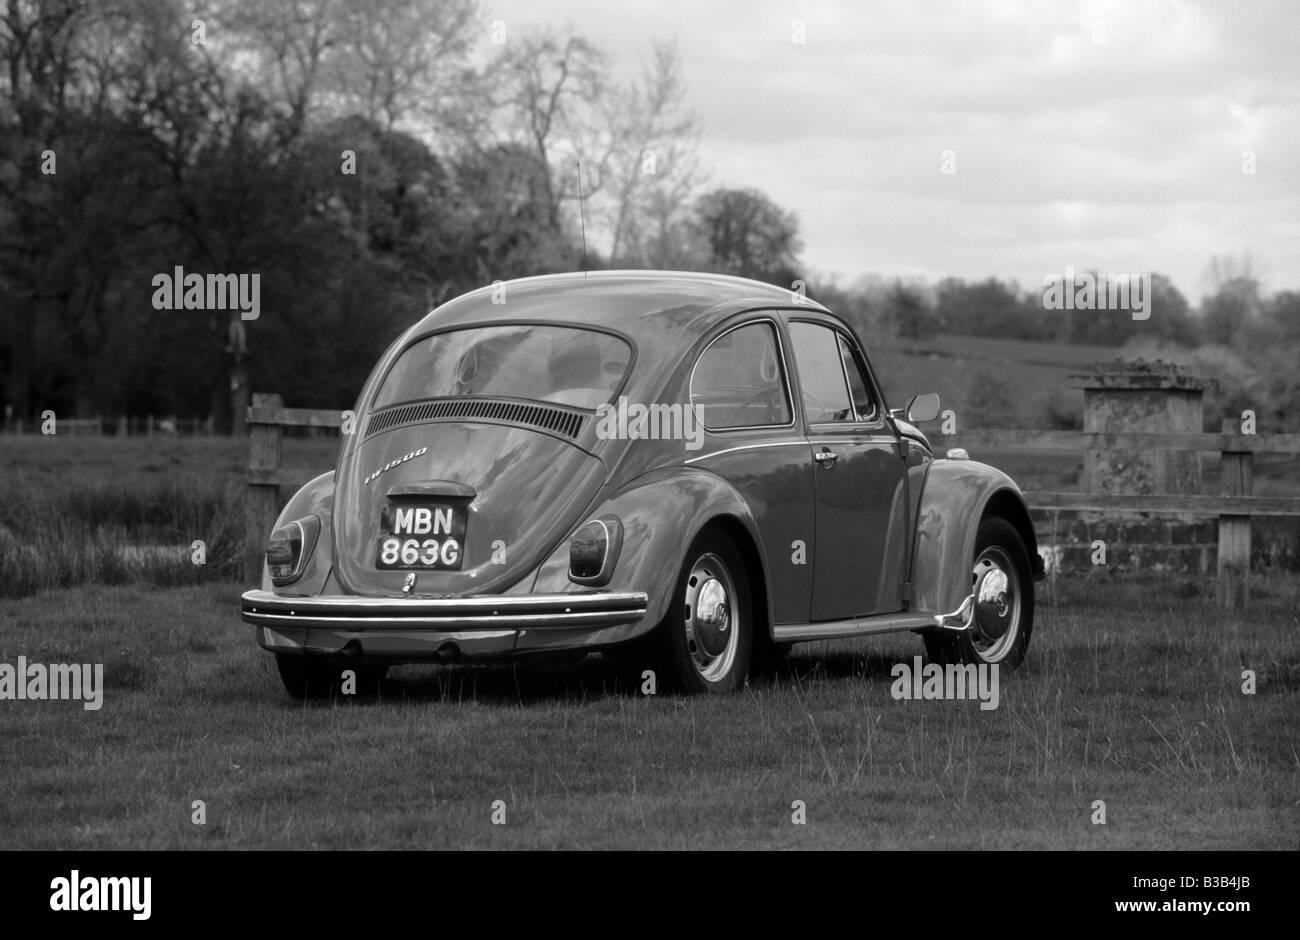 Volkswagen Beetle 1500 of 1968. - Stock Image